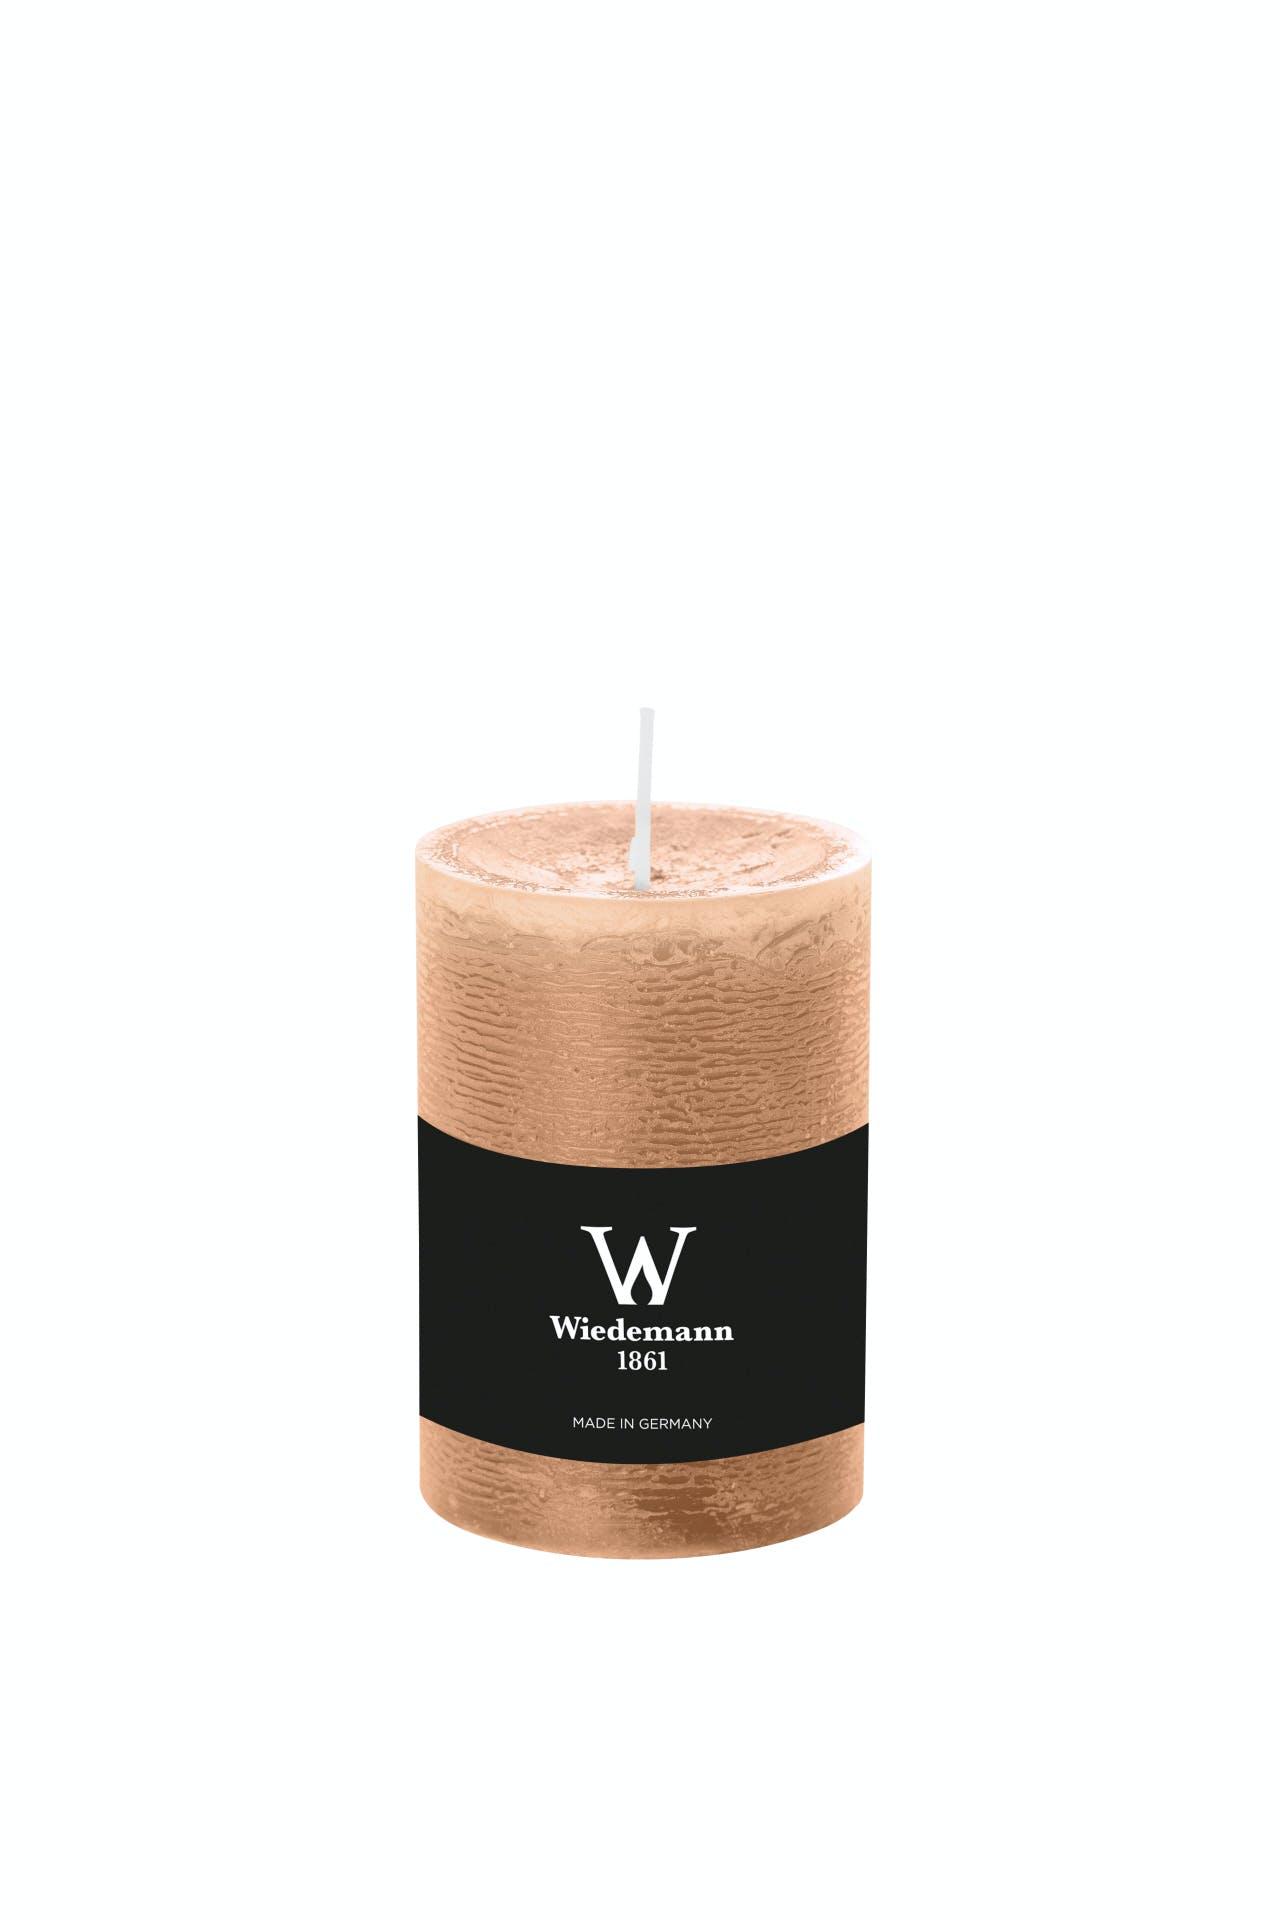 Wiedemann Marble Rustik Kerzen, Stumpenkerzen, Nude 120 x